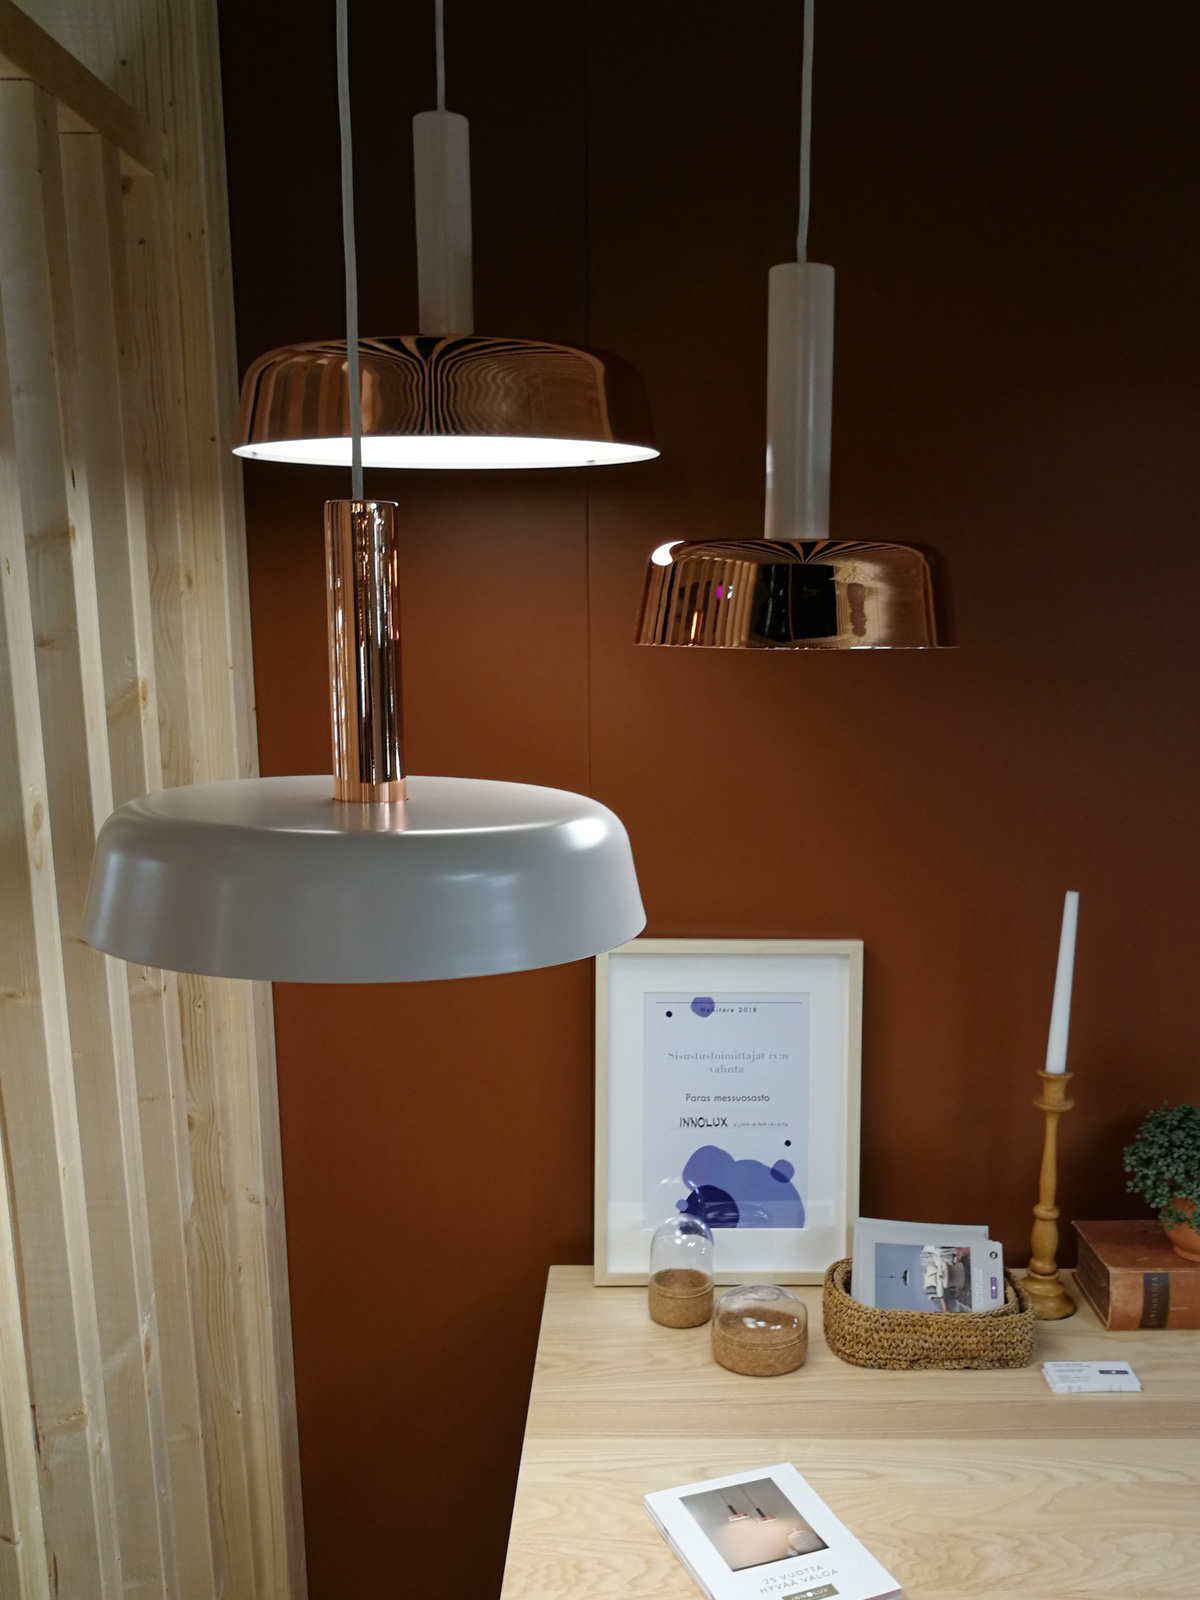 Innolux Kafe Café Pendelleuchte skandinavisch Lampe Leuchte DesignOrt Onlineshop